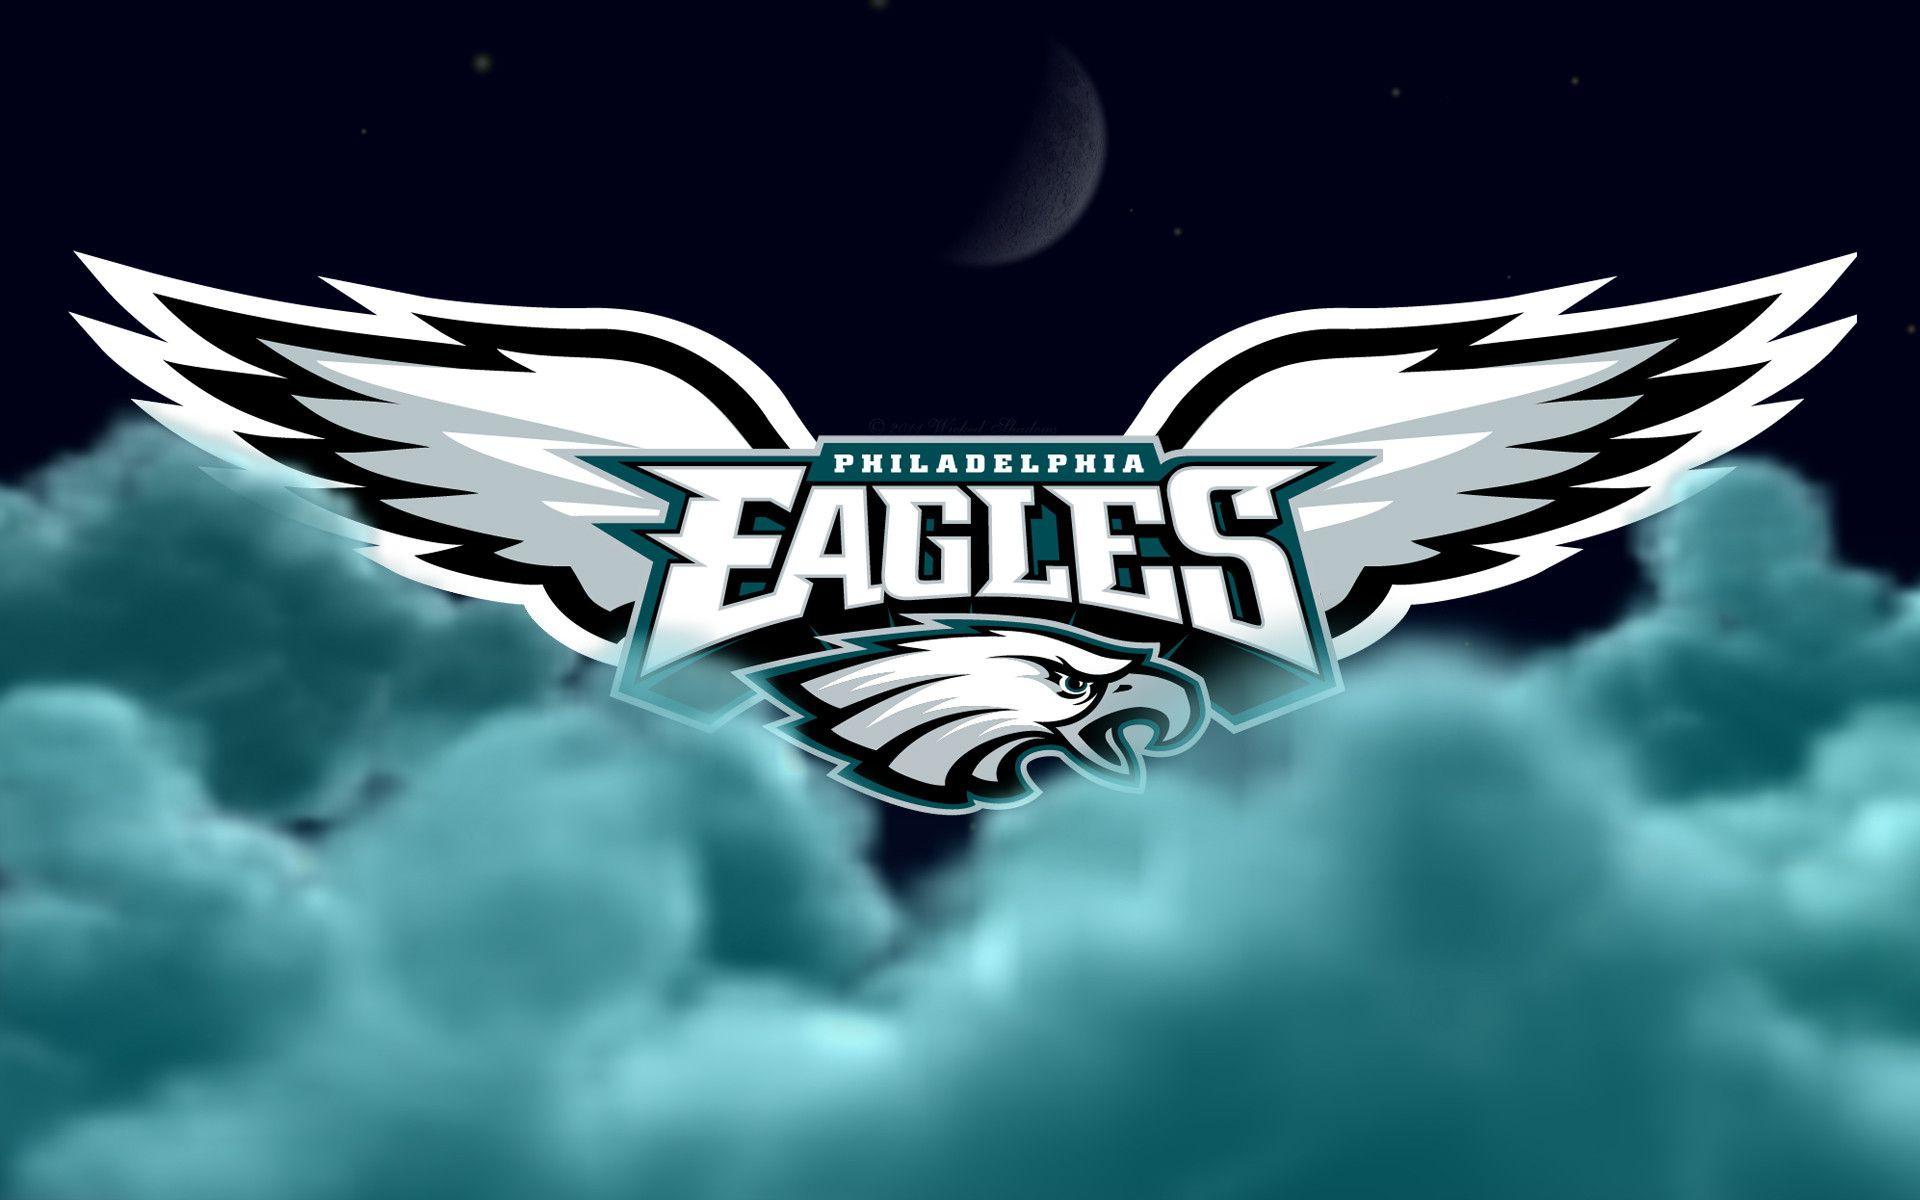 Eagles superman logo clipart clip transparent library Eagles Wallpaper NFL HD Wallpaper, Amazing Eagles NFL HD ... clip transparent library